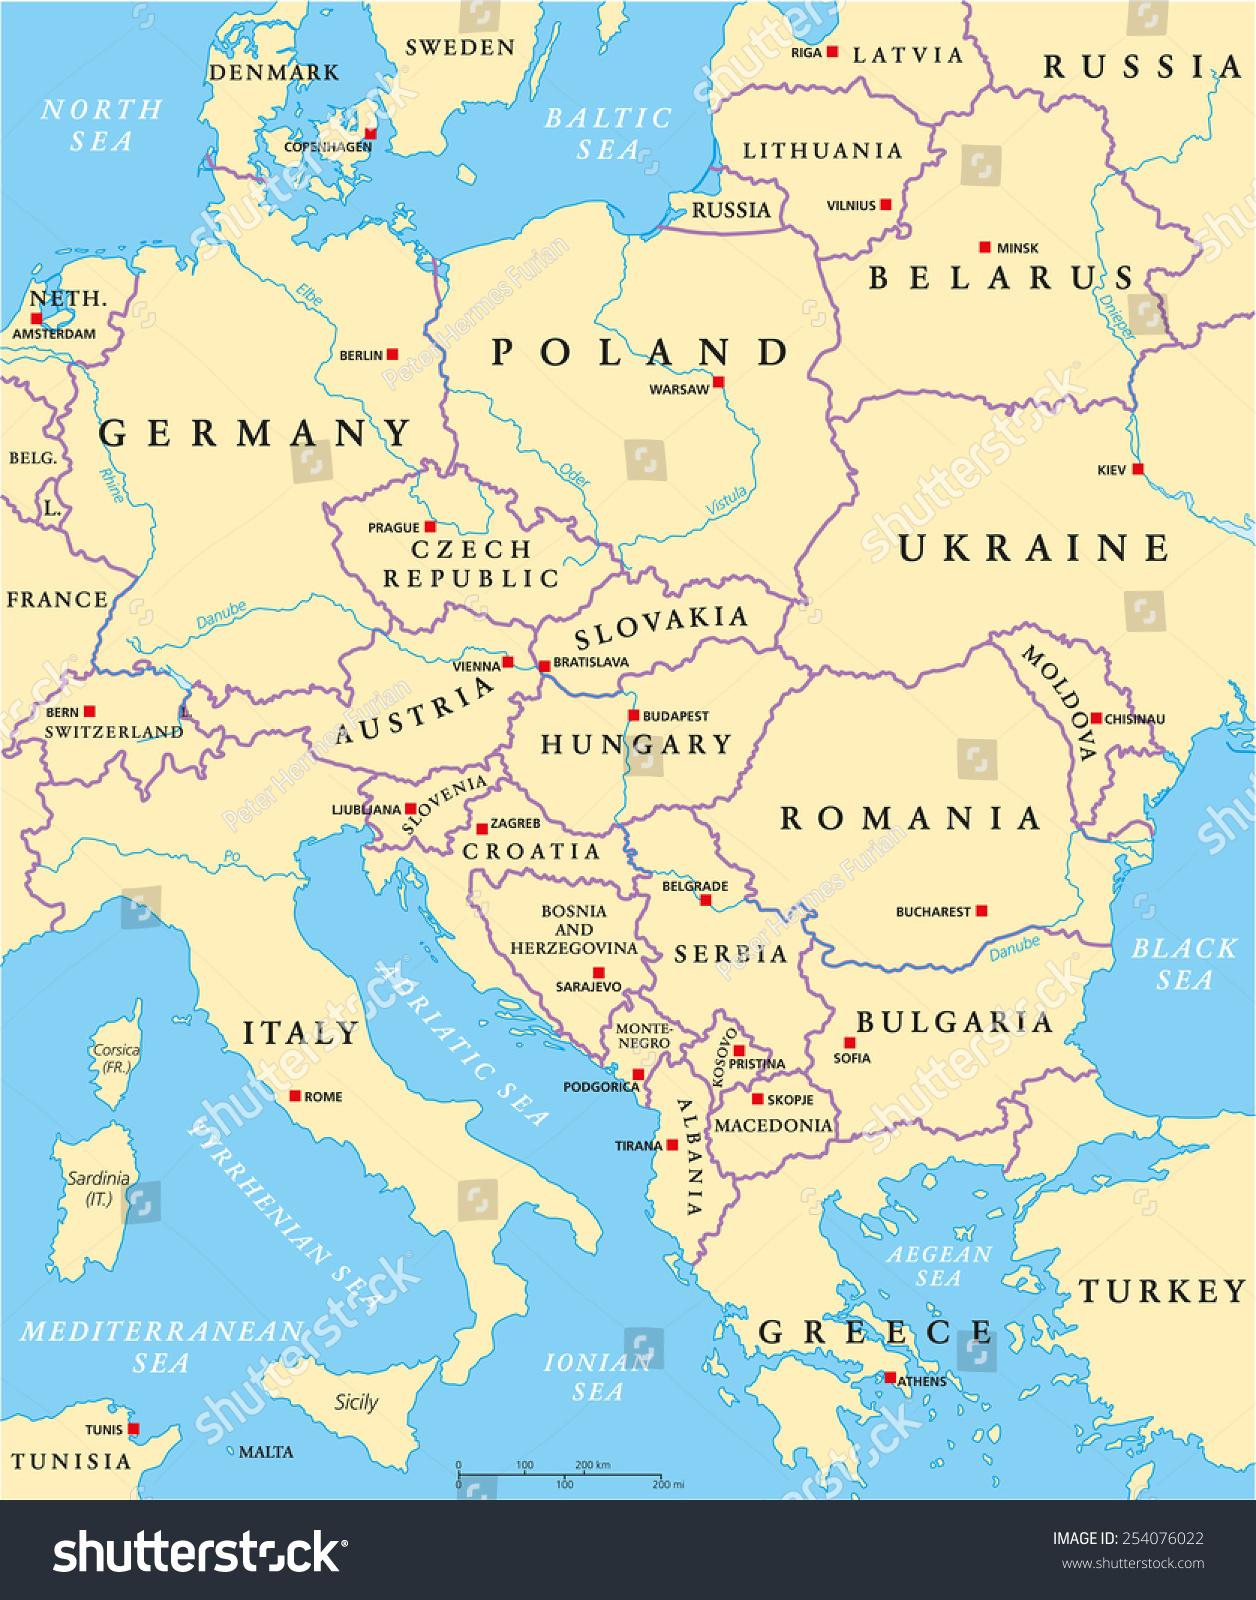 Image Vectorielle De Stock De Carte Politique De L'europe à Carte Europe Avec Capitale